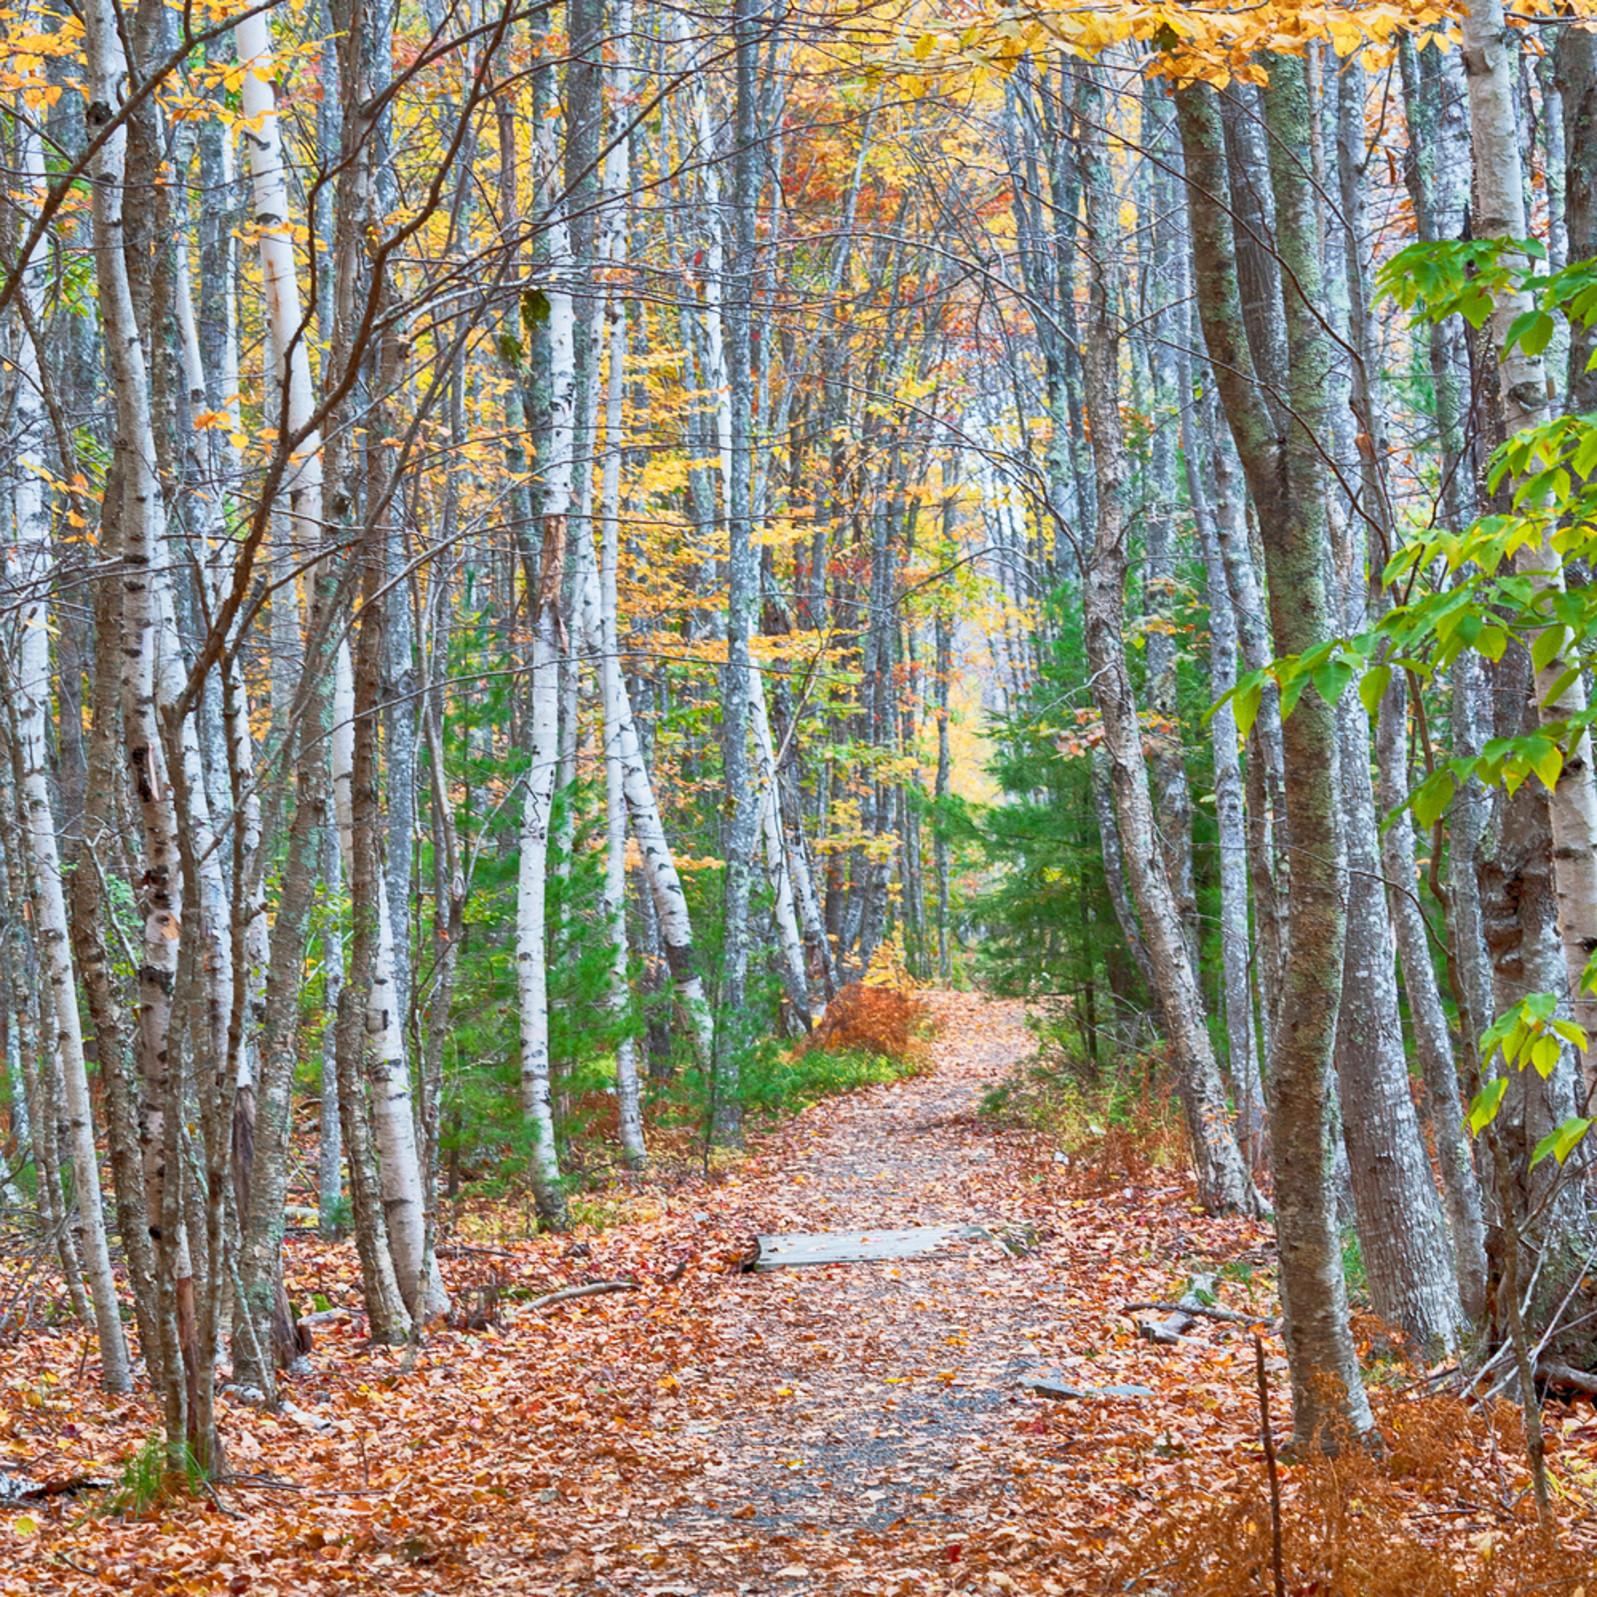 Autumn grove path ydh2gm